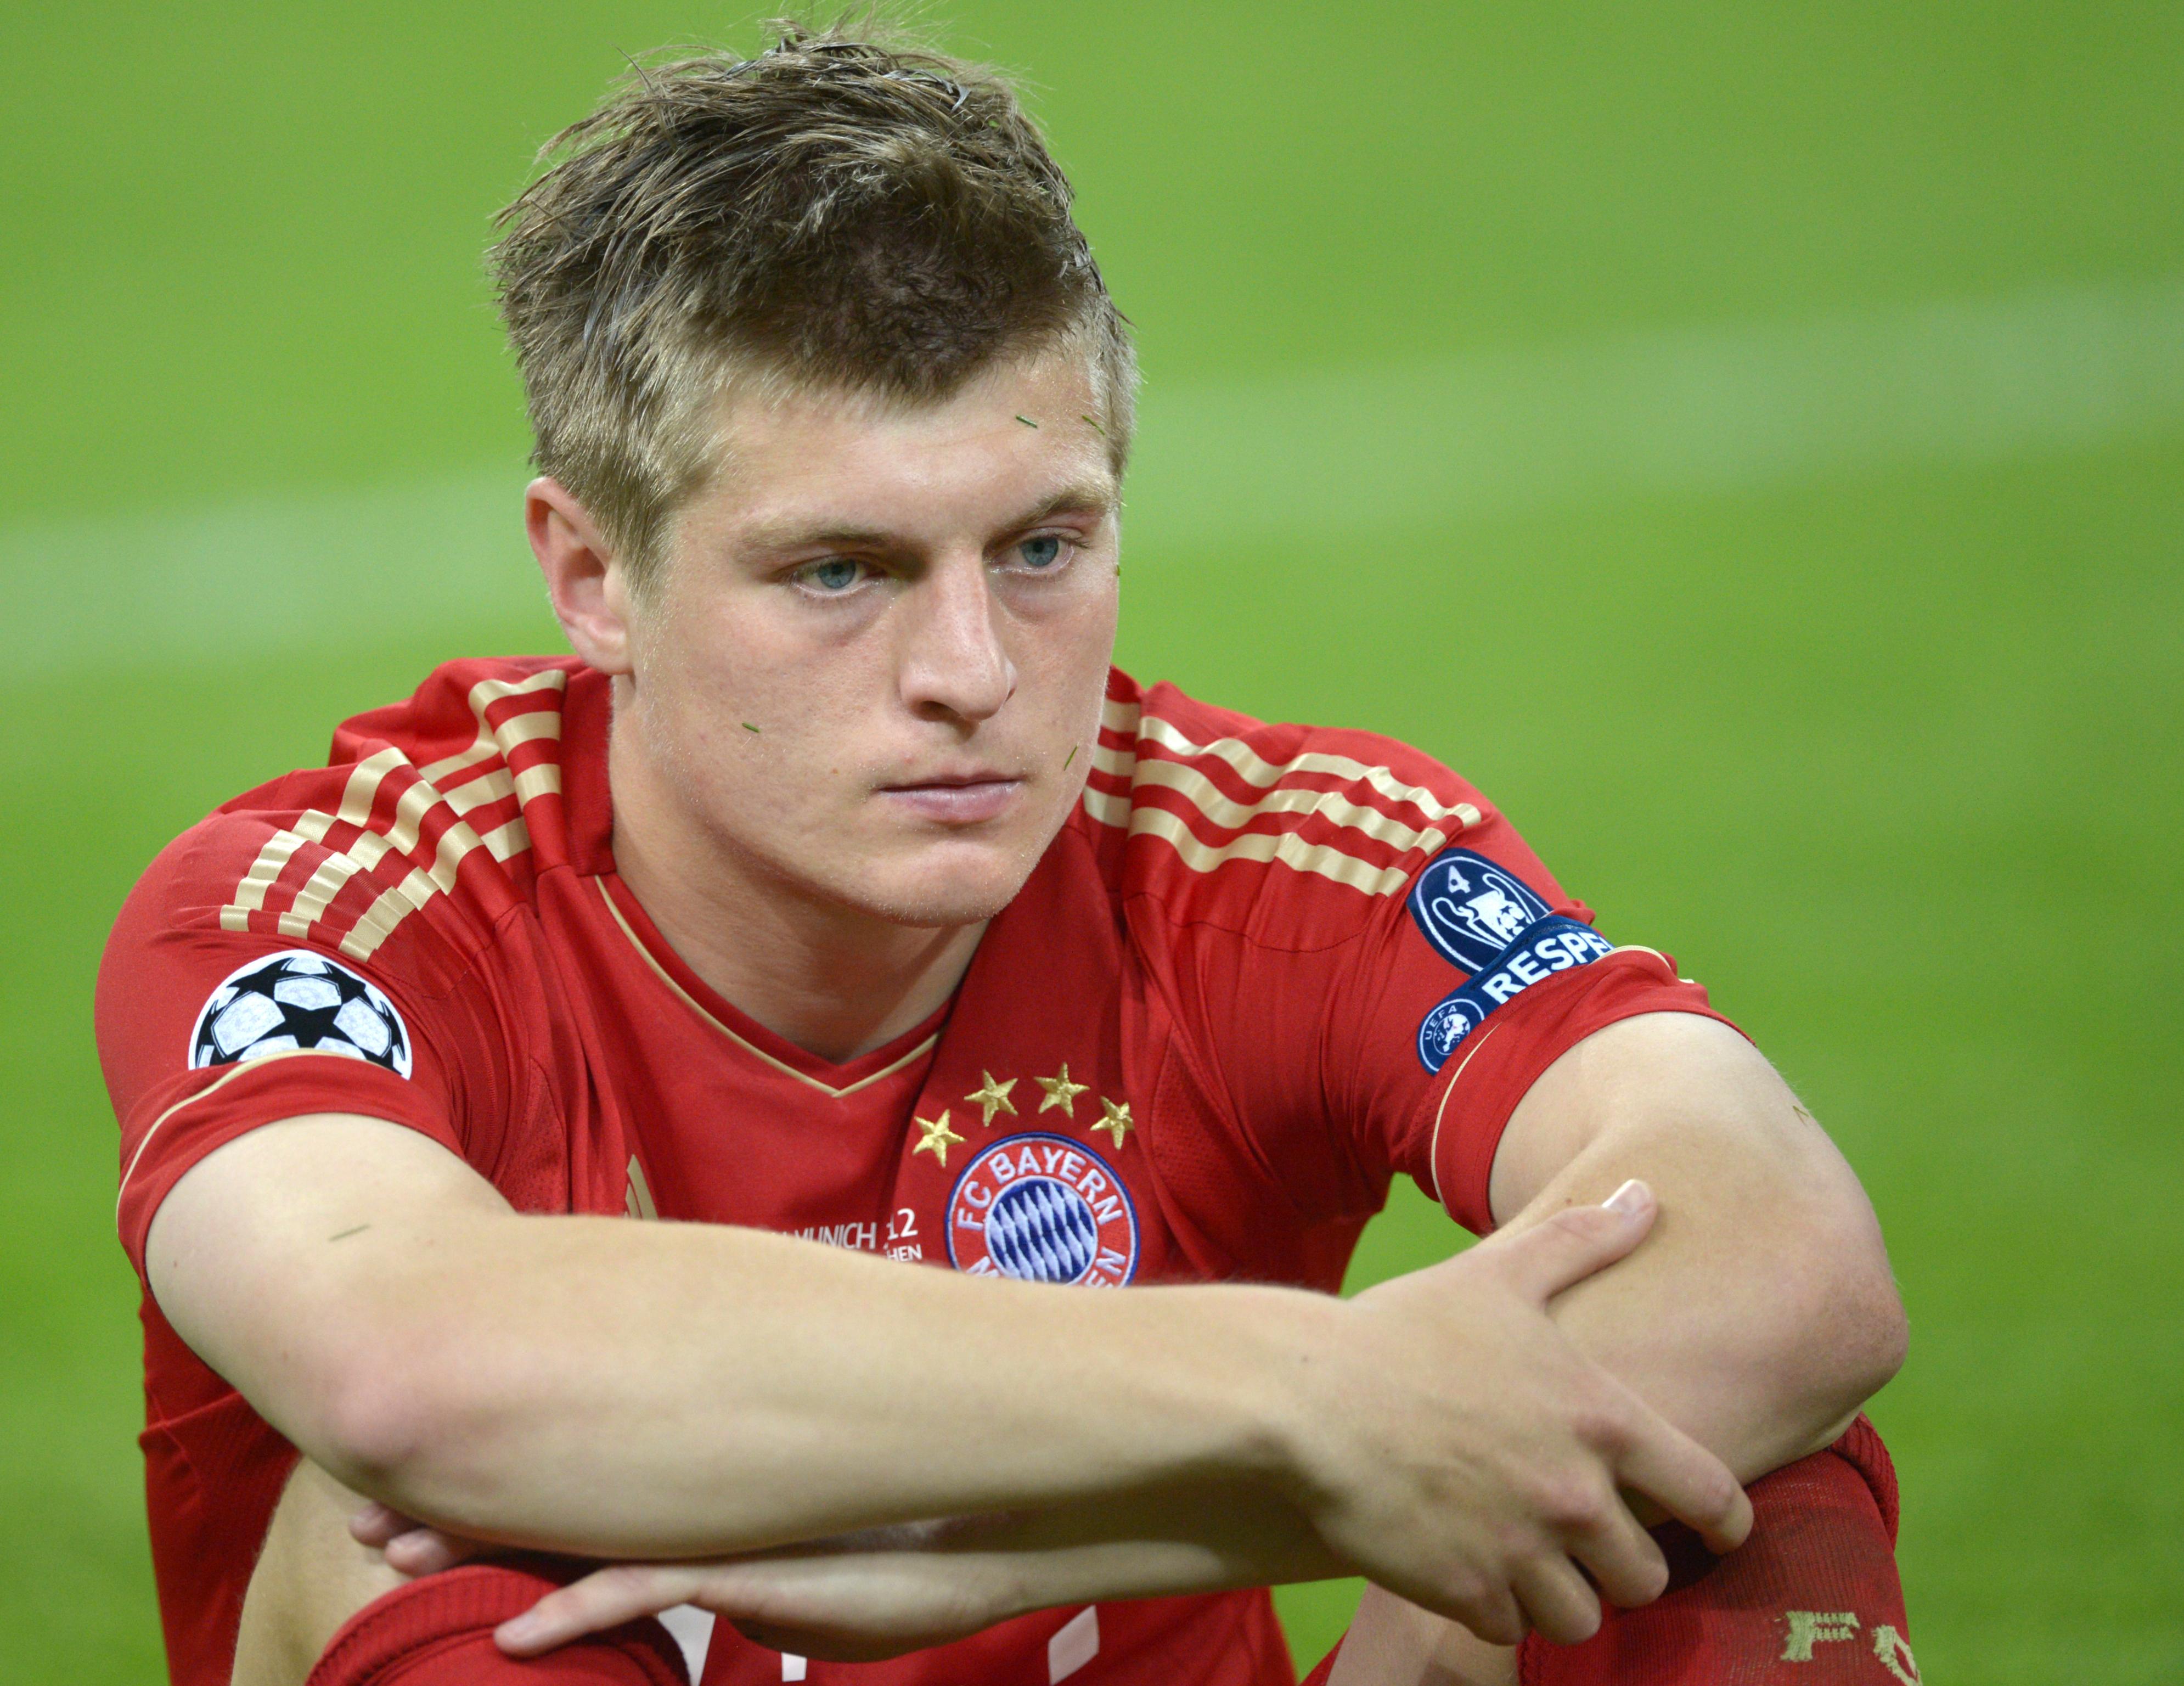 Die Niederlage im Finale dahoam 2012 war für Toni Kroos eine bittere Pleite.